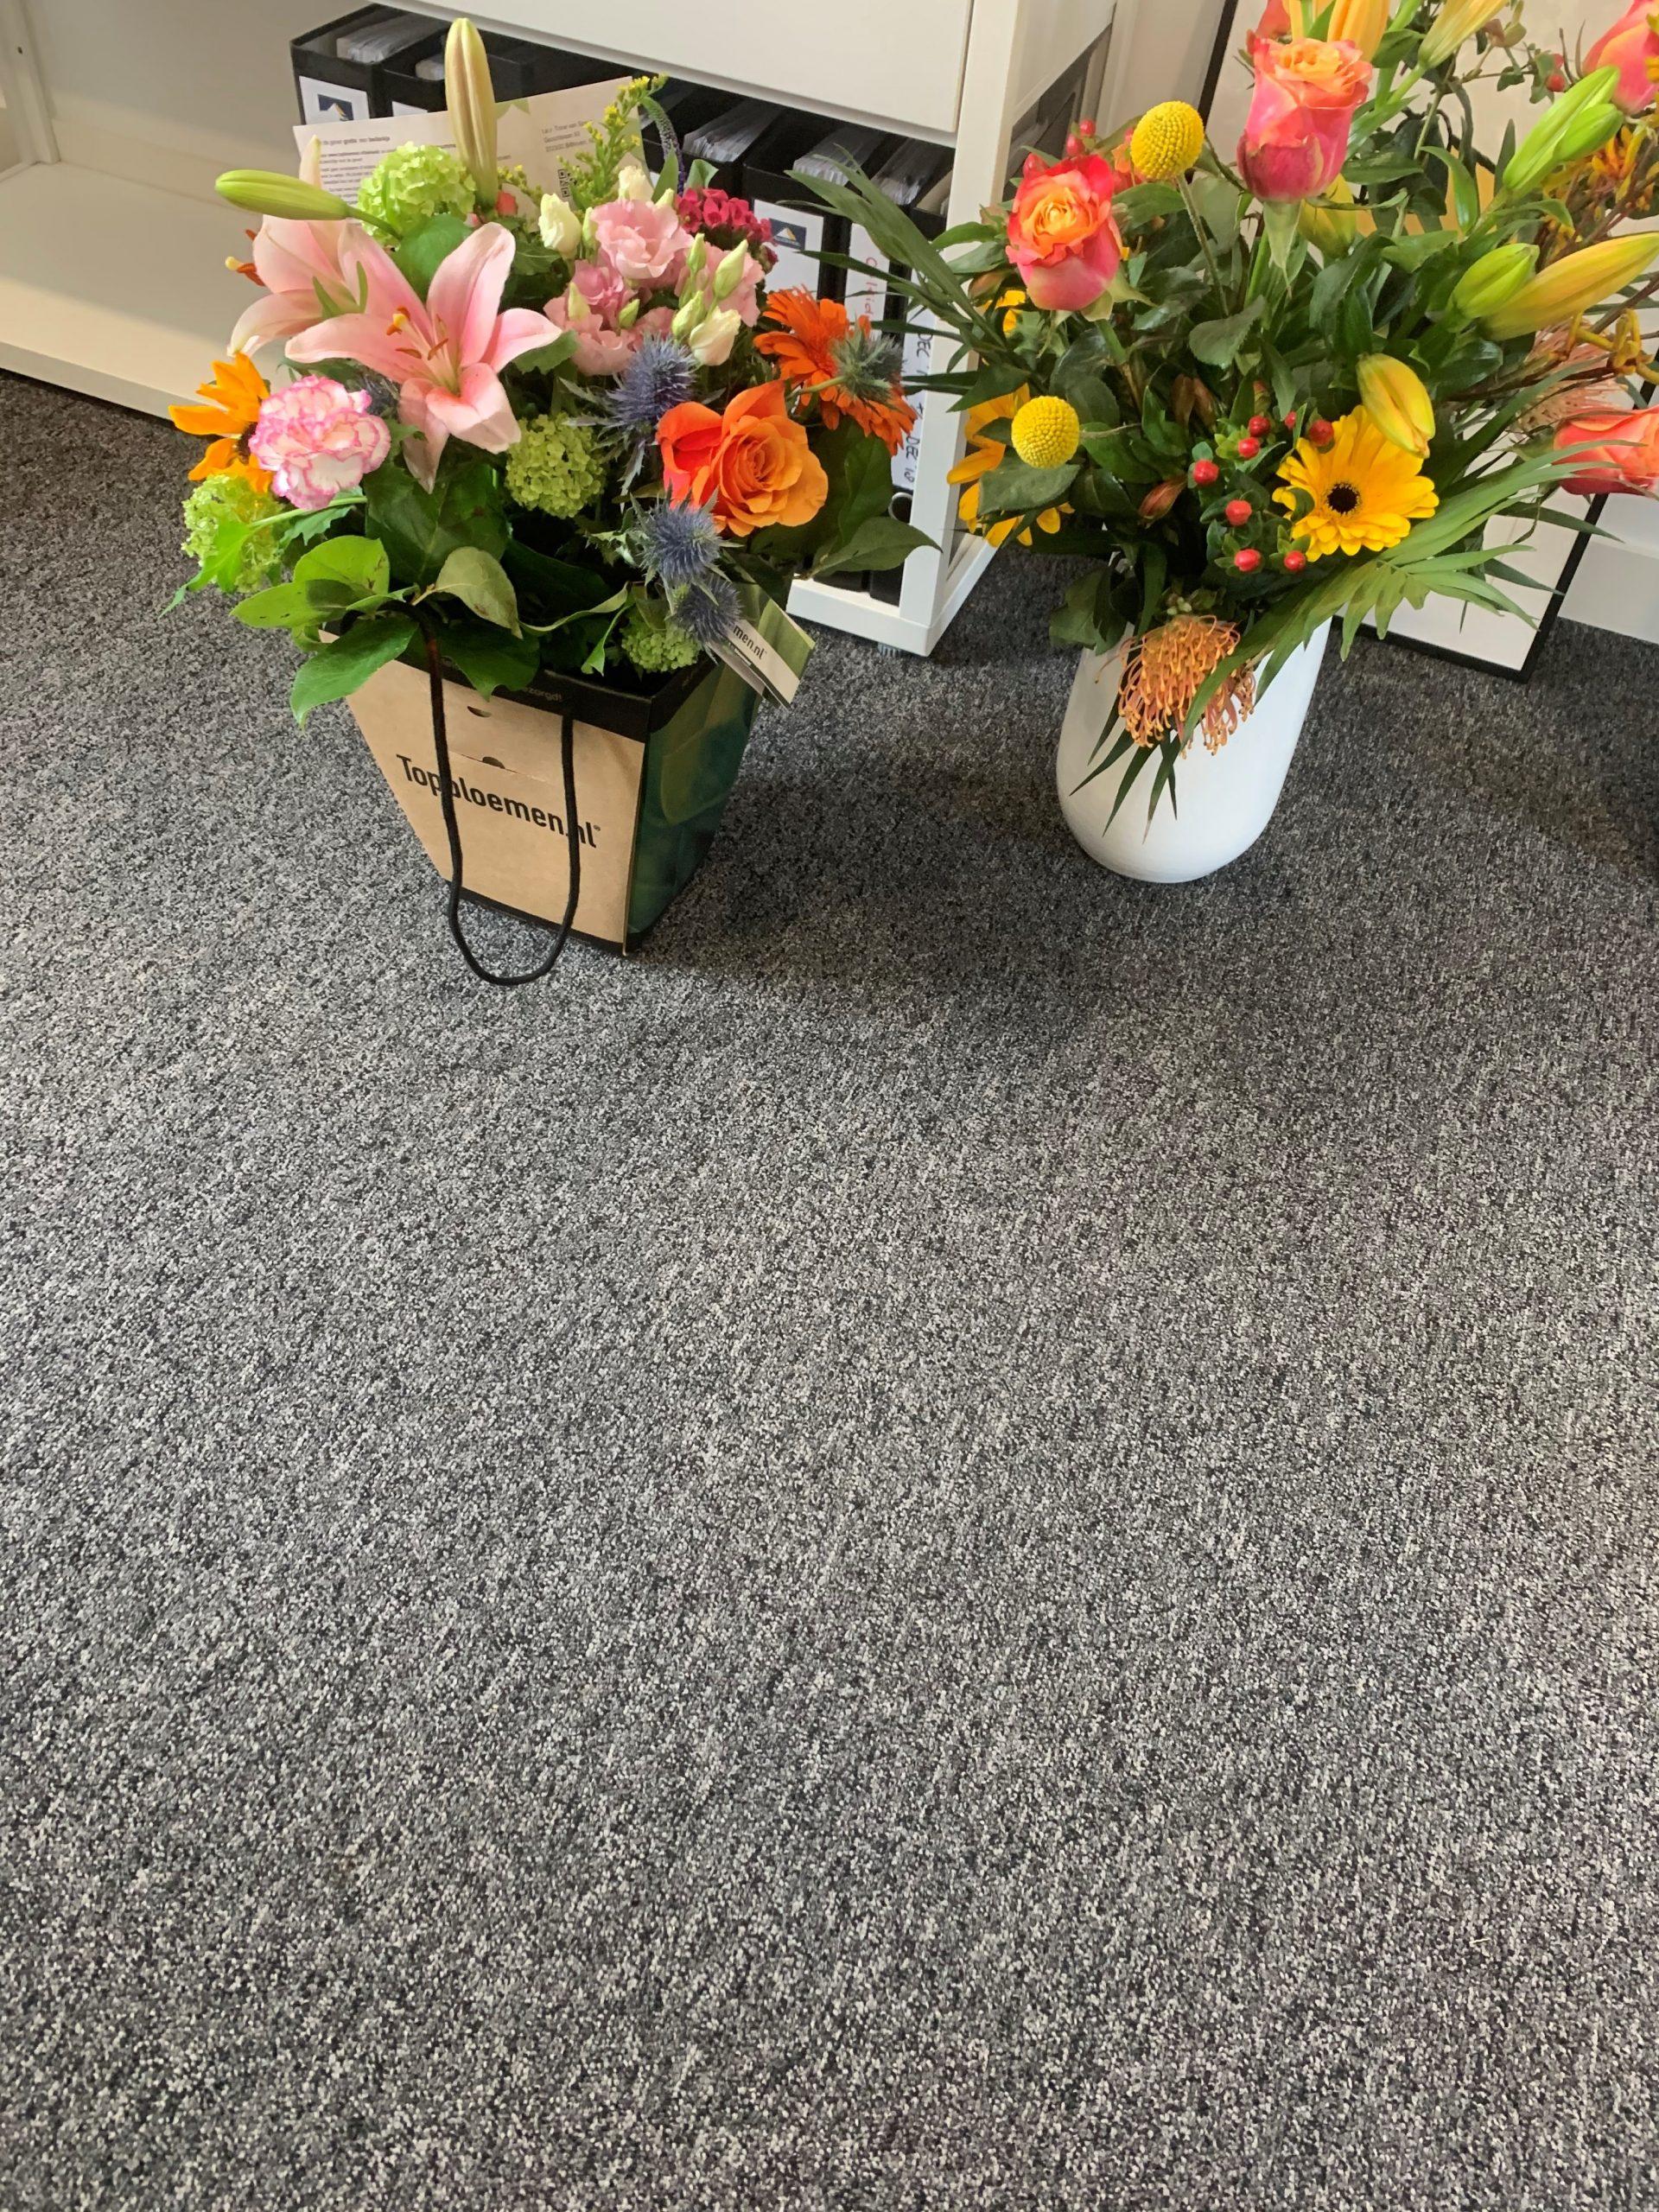 bloemen Toine